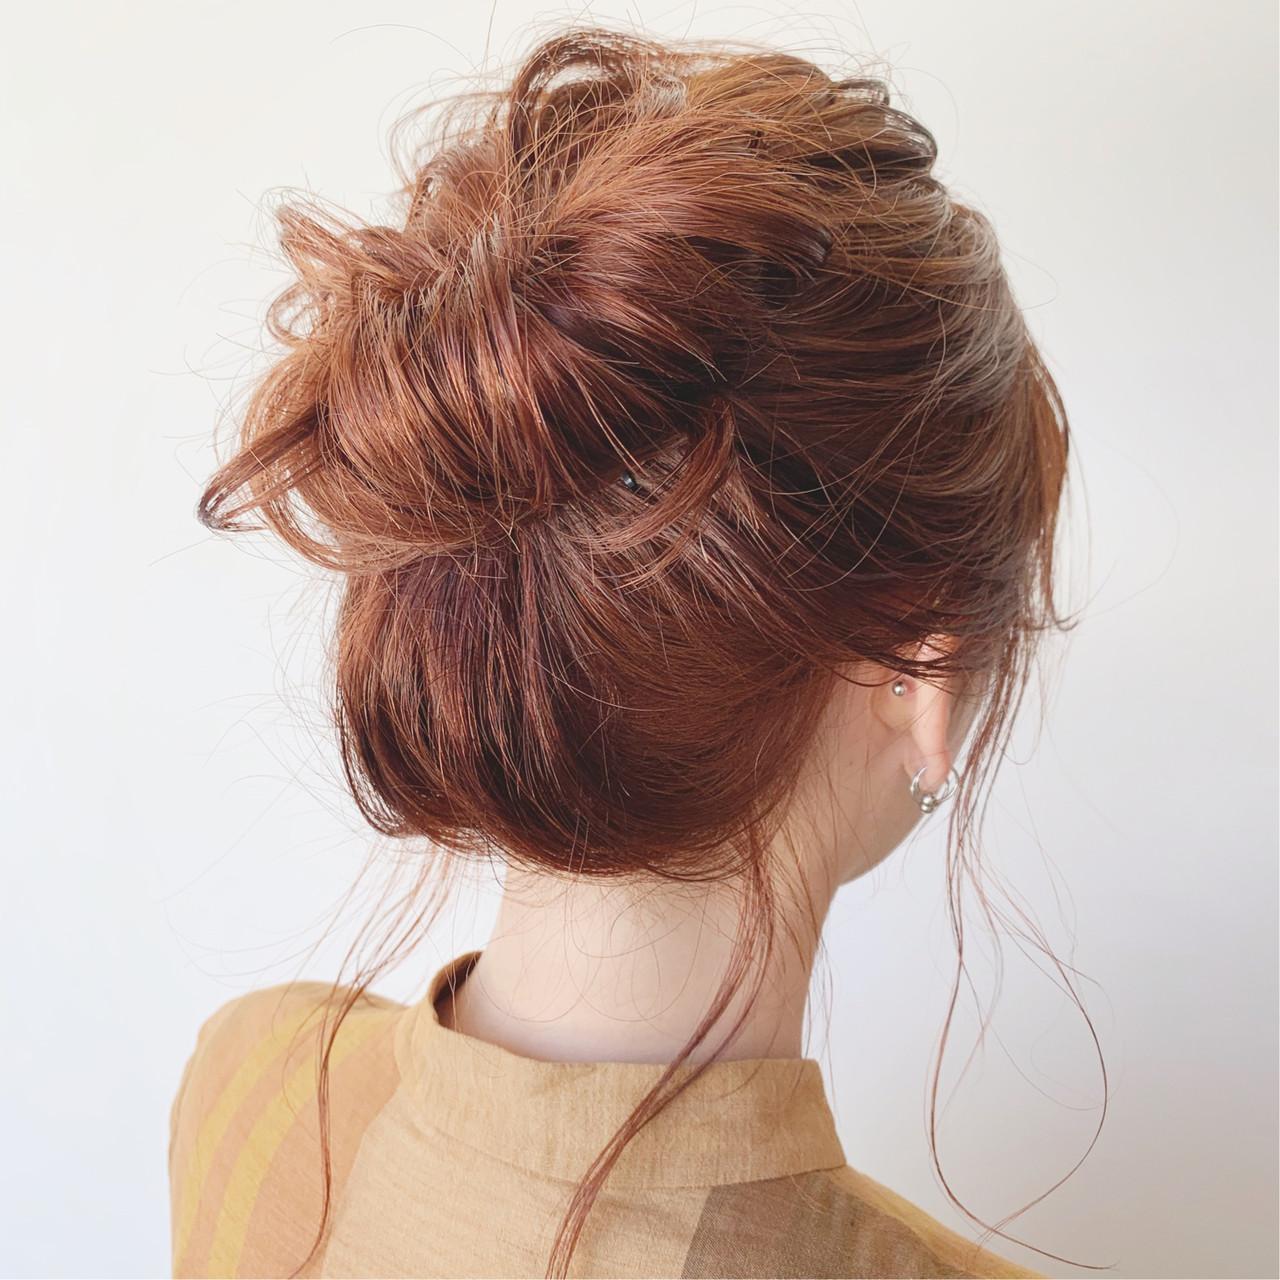 デート オレンジベージュ 簡単ヘアアレンジ 結婚式 ヘアスタイルや髪型の写真・画像